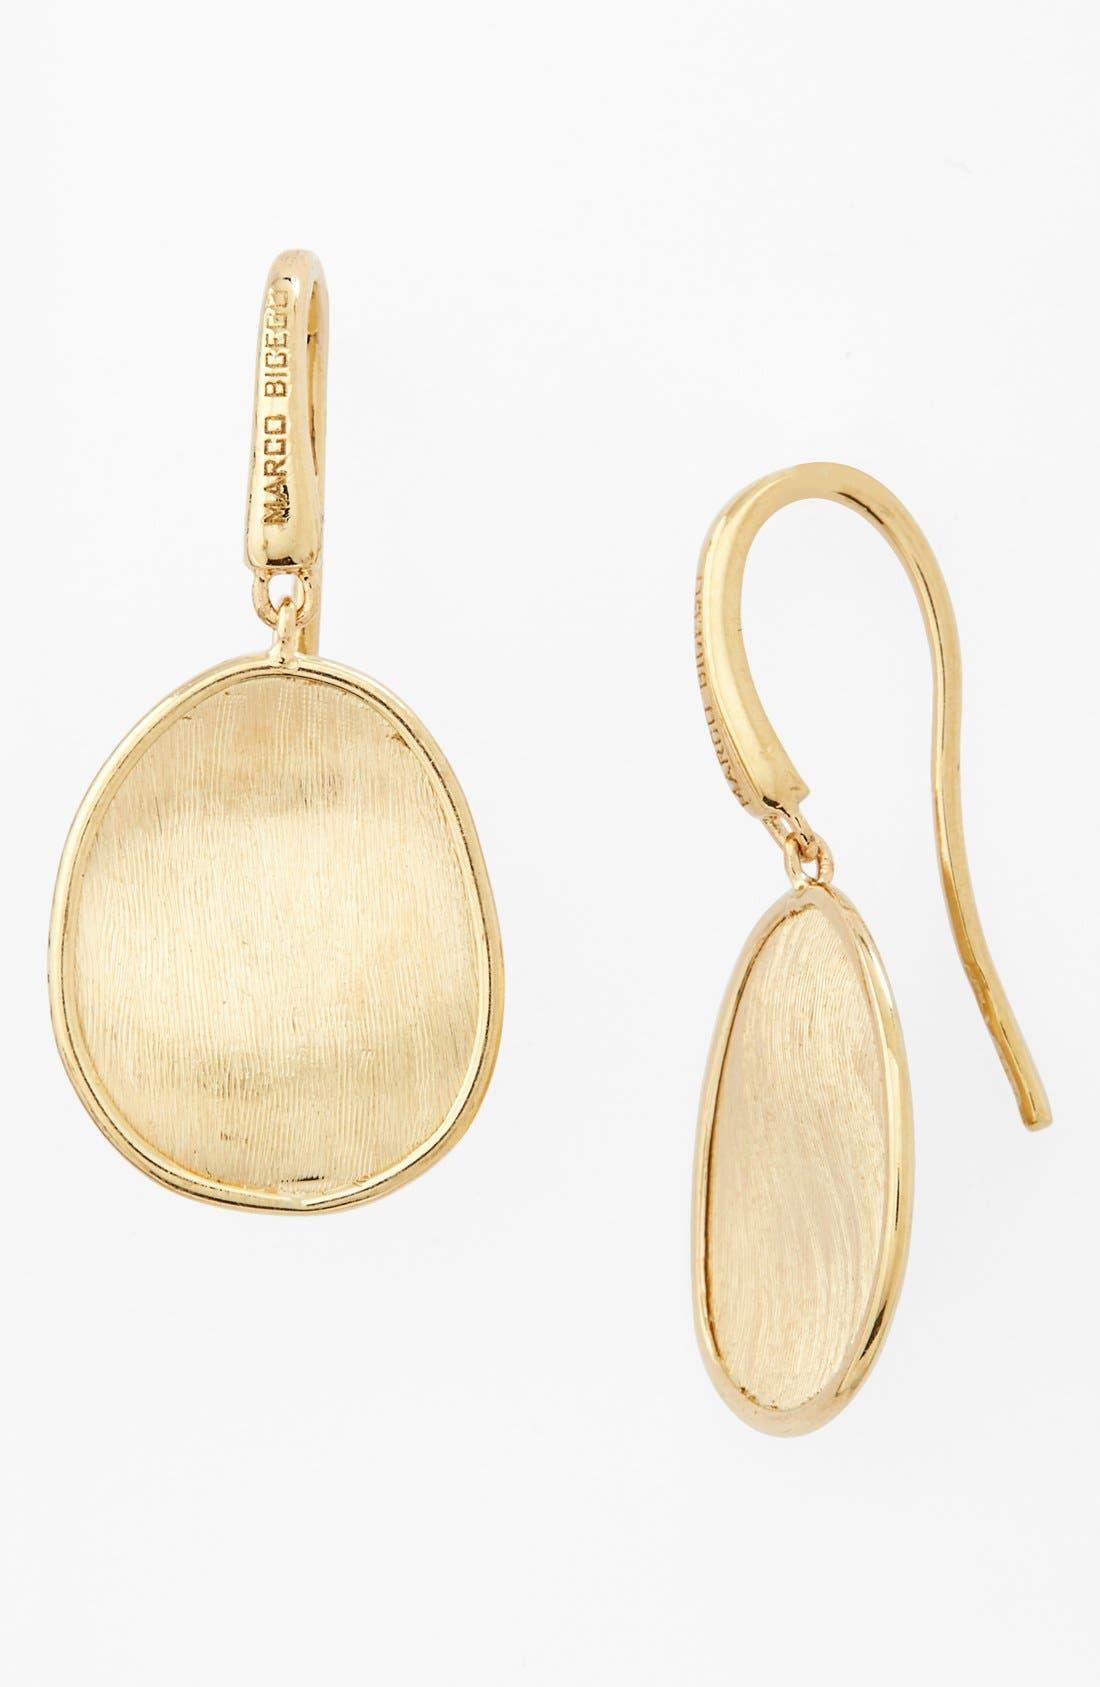 MARCO BICEGO Lunaria Drop Earrings